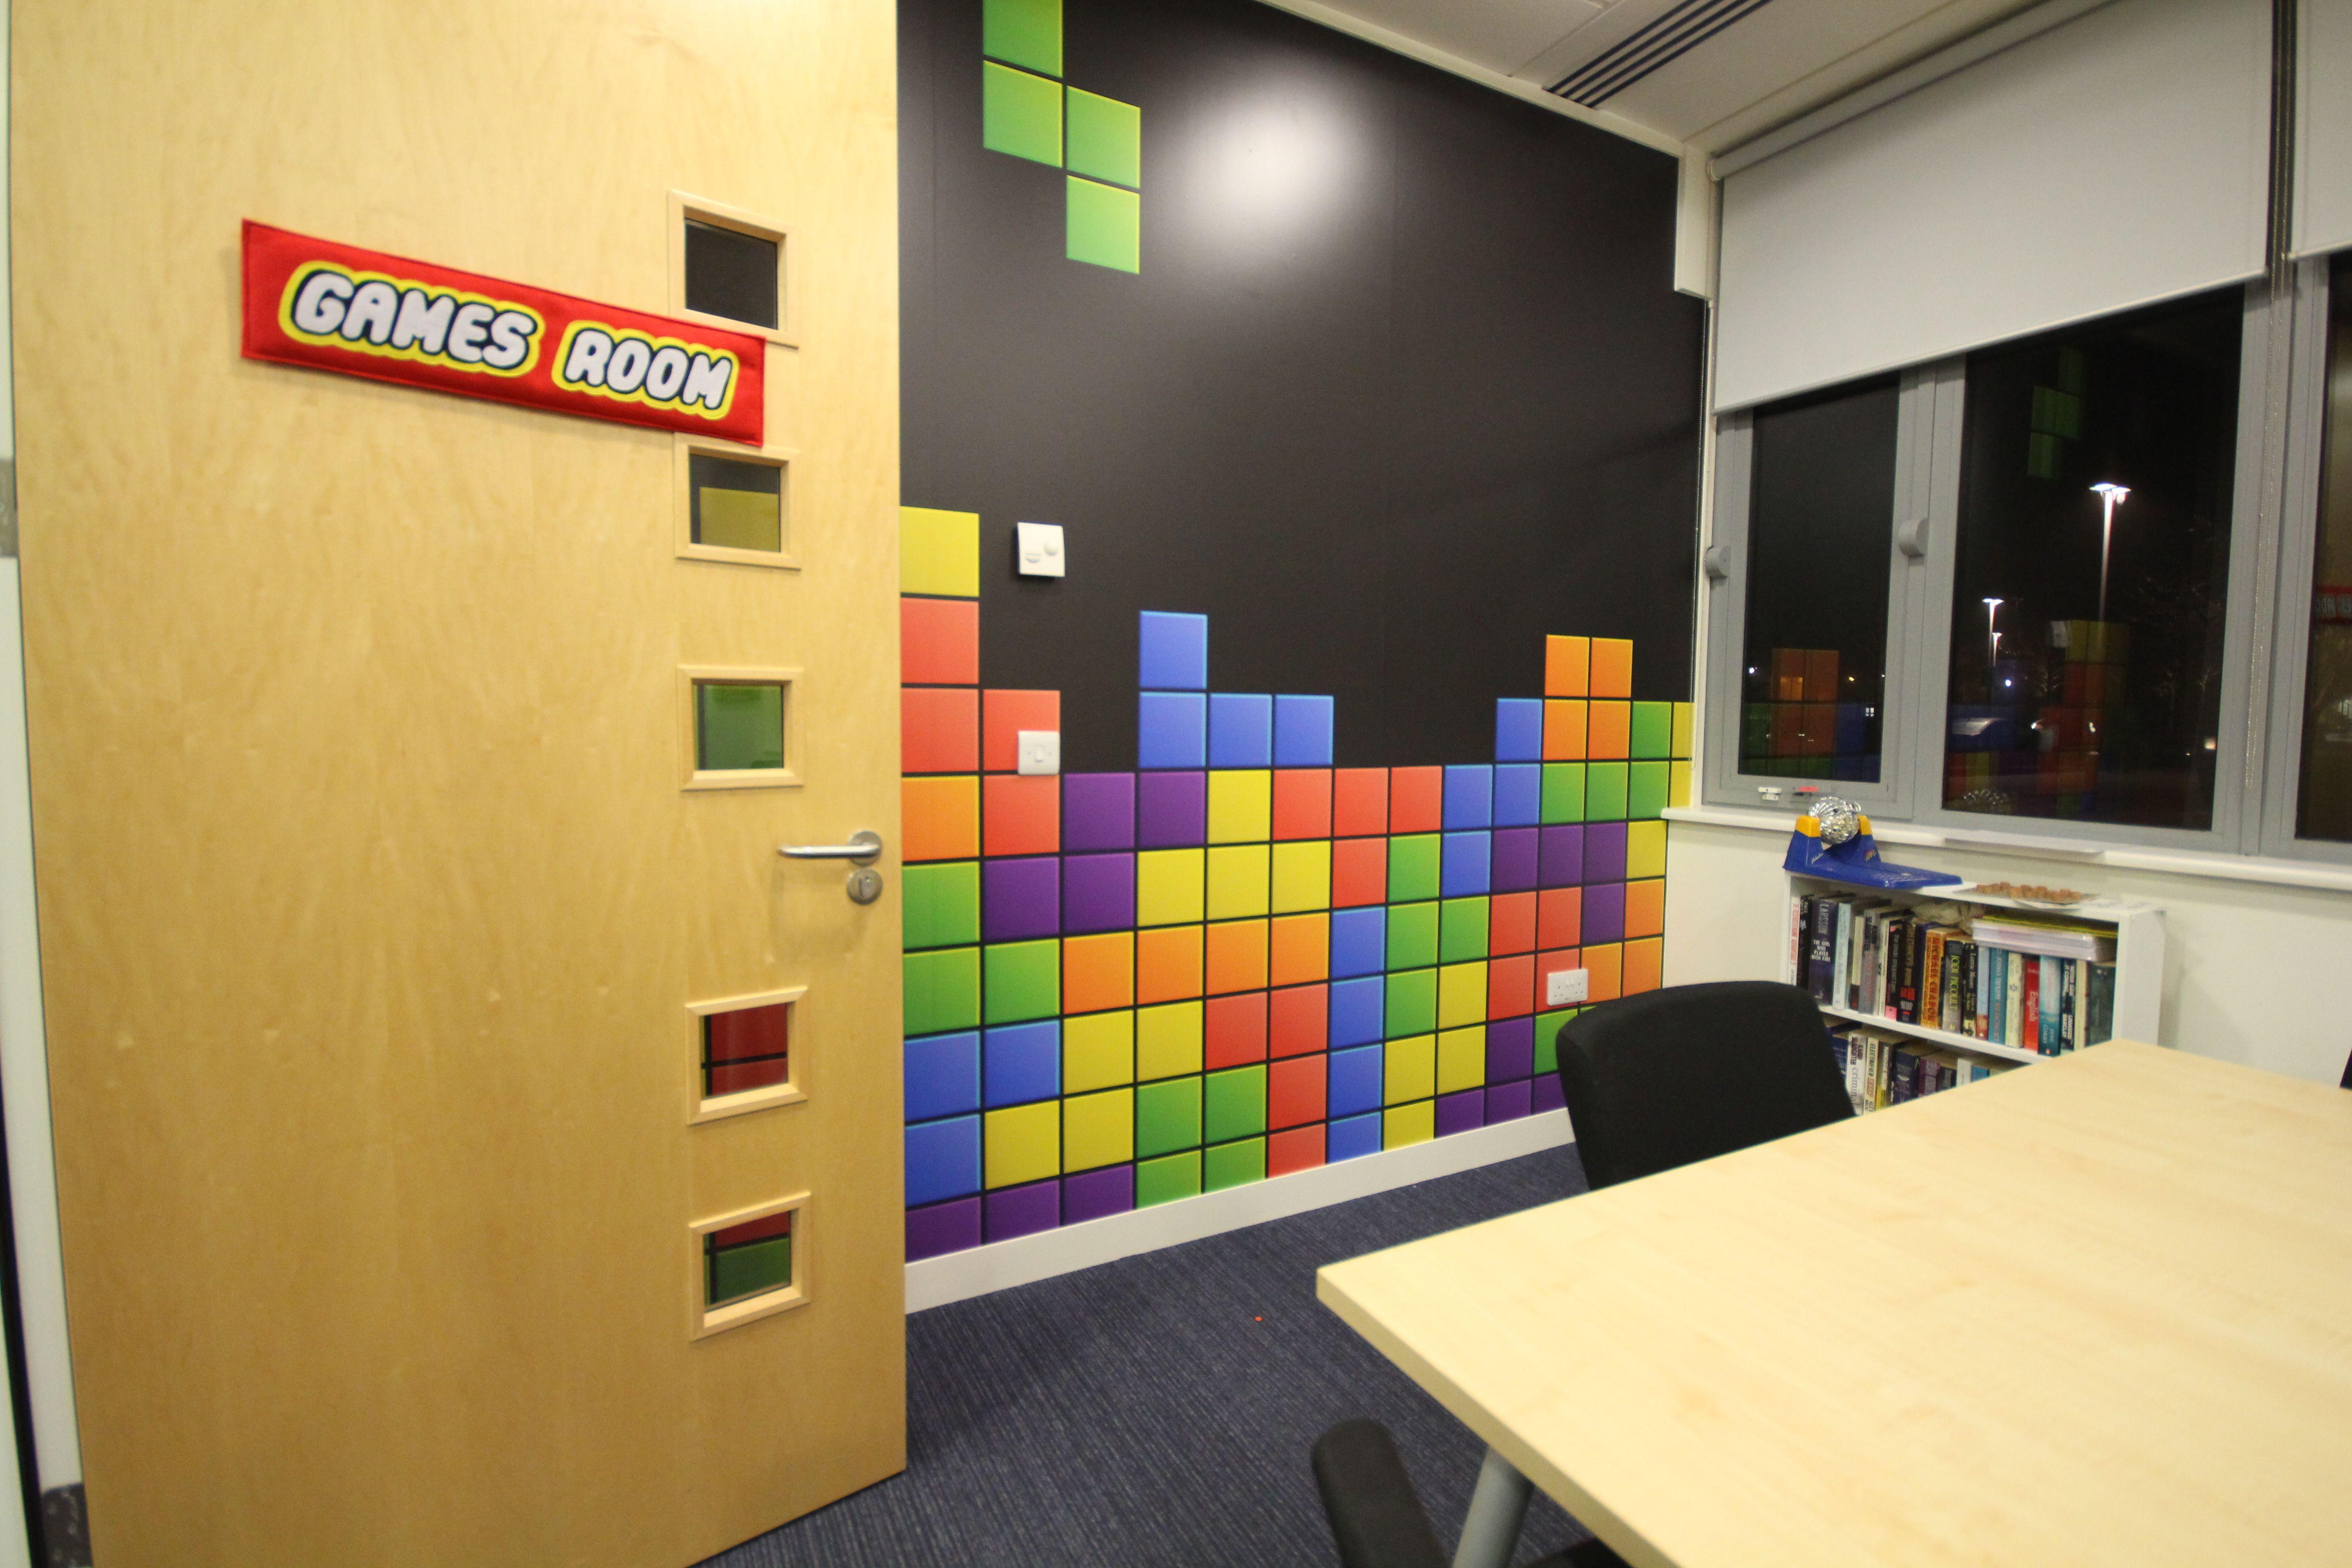 tetris style gaming wall mural full colour digitally printed office branding - Tetris Planken